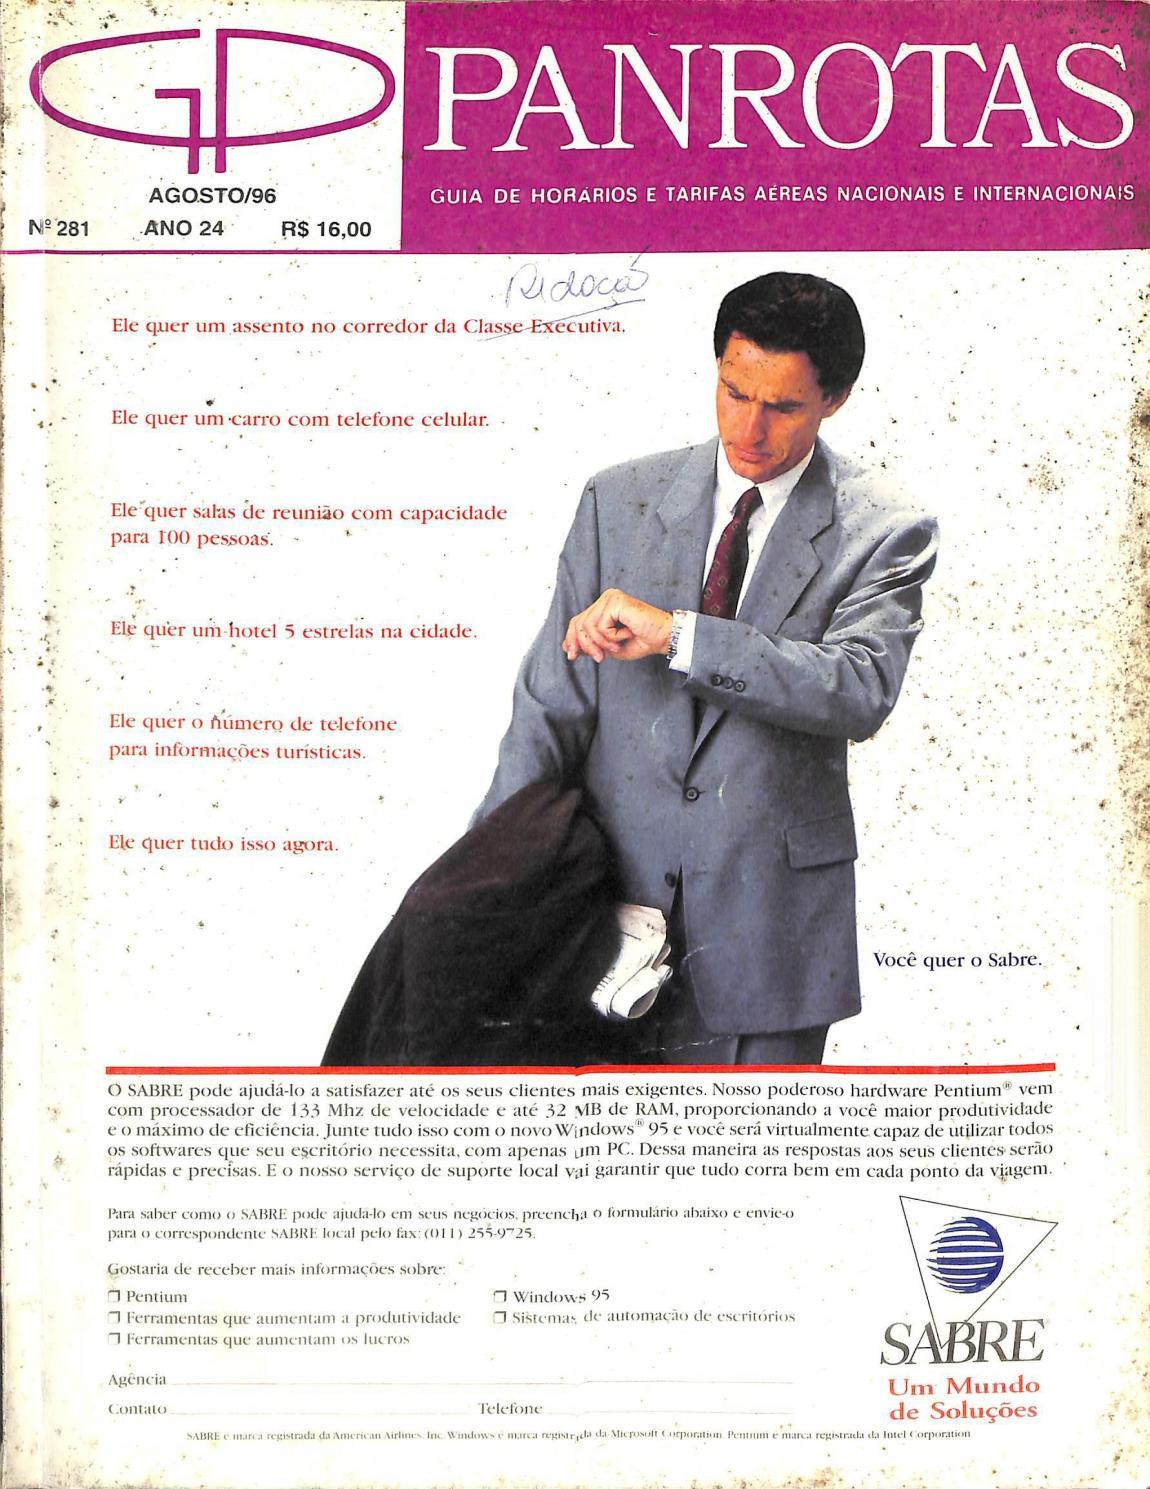 f21471f52c5 Guia PANROTAS - Edição 281 - Agosto 1996 by PANROTAS Editora - Issuu